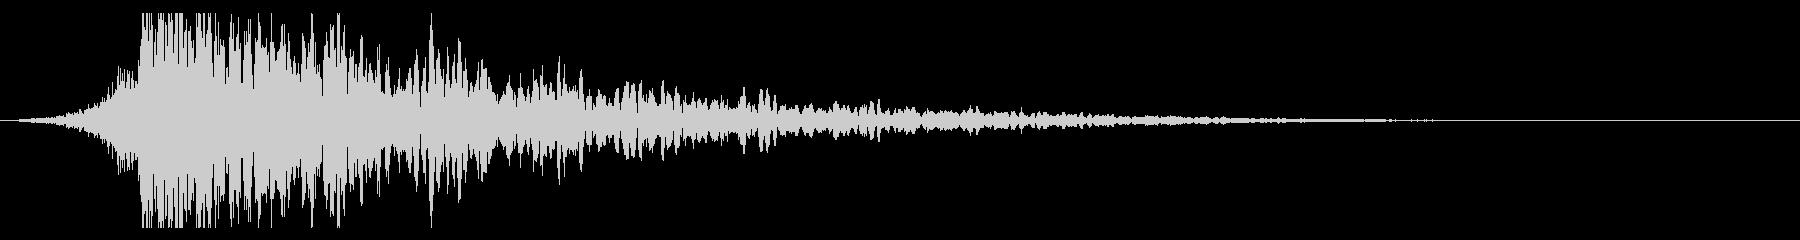 シュードーン-59-1(インパクト音)の未再生の波形